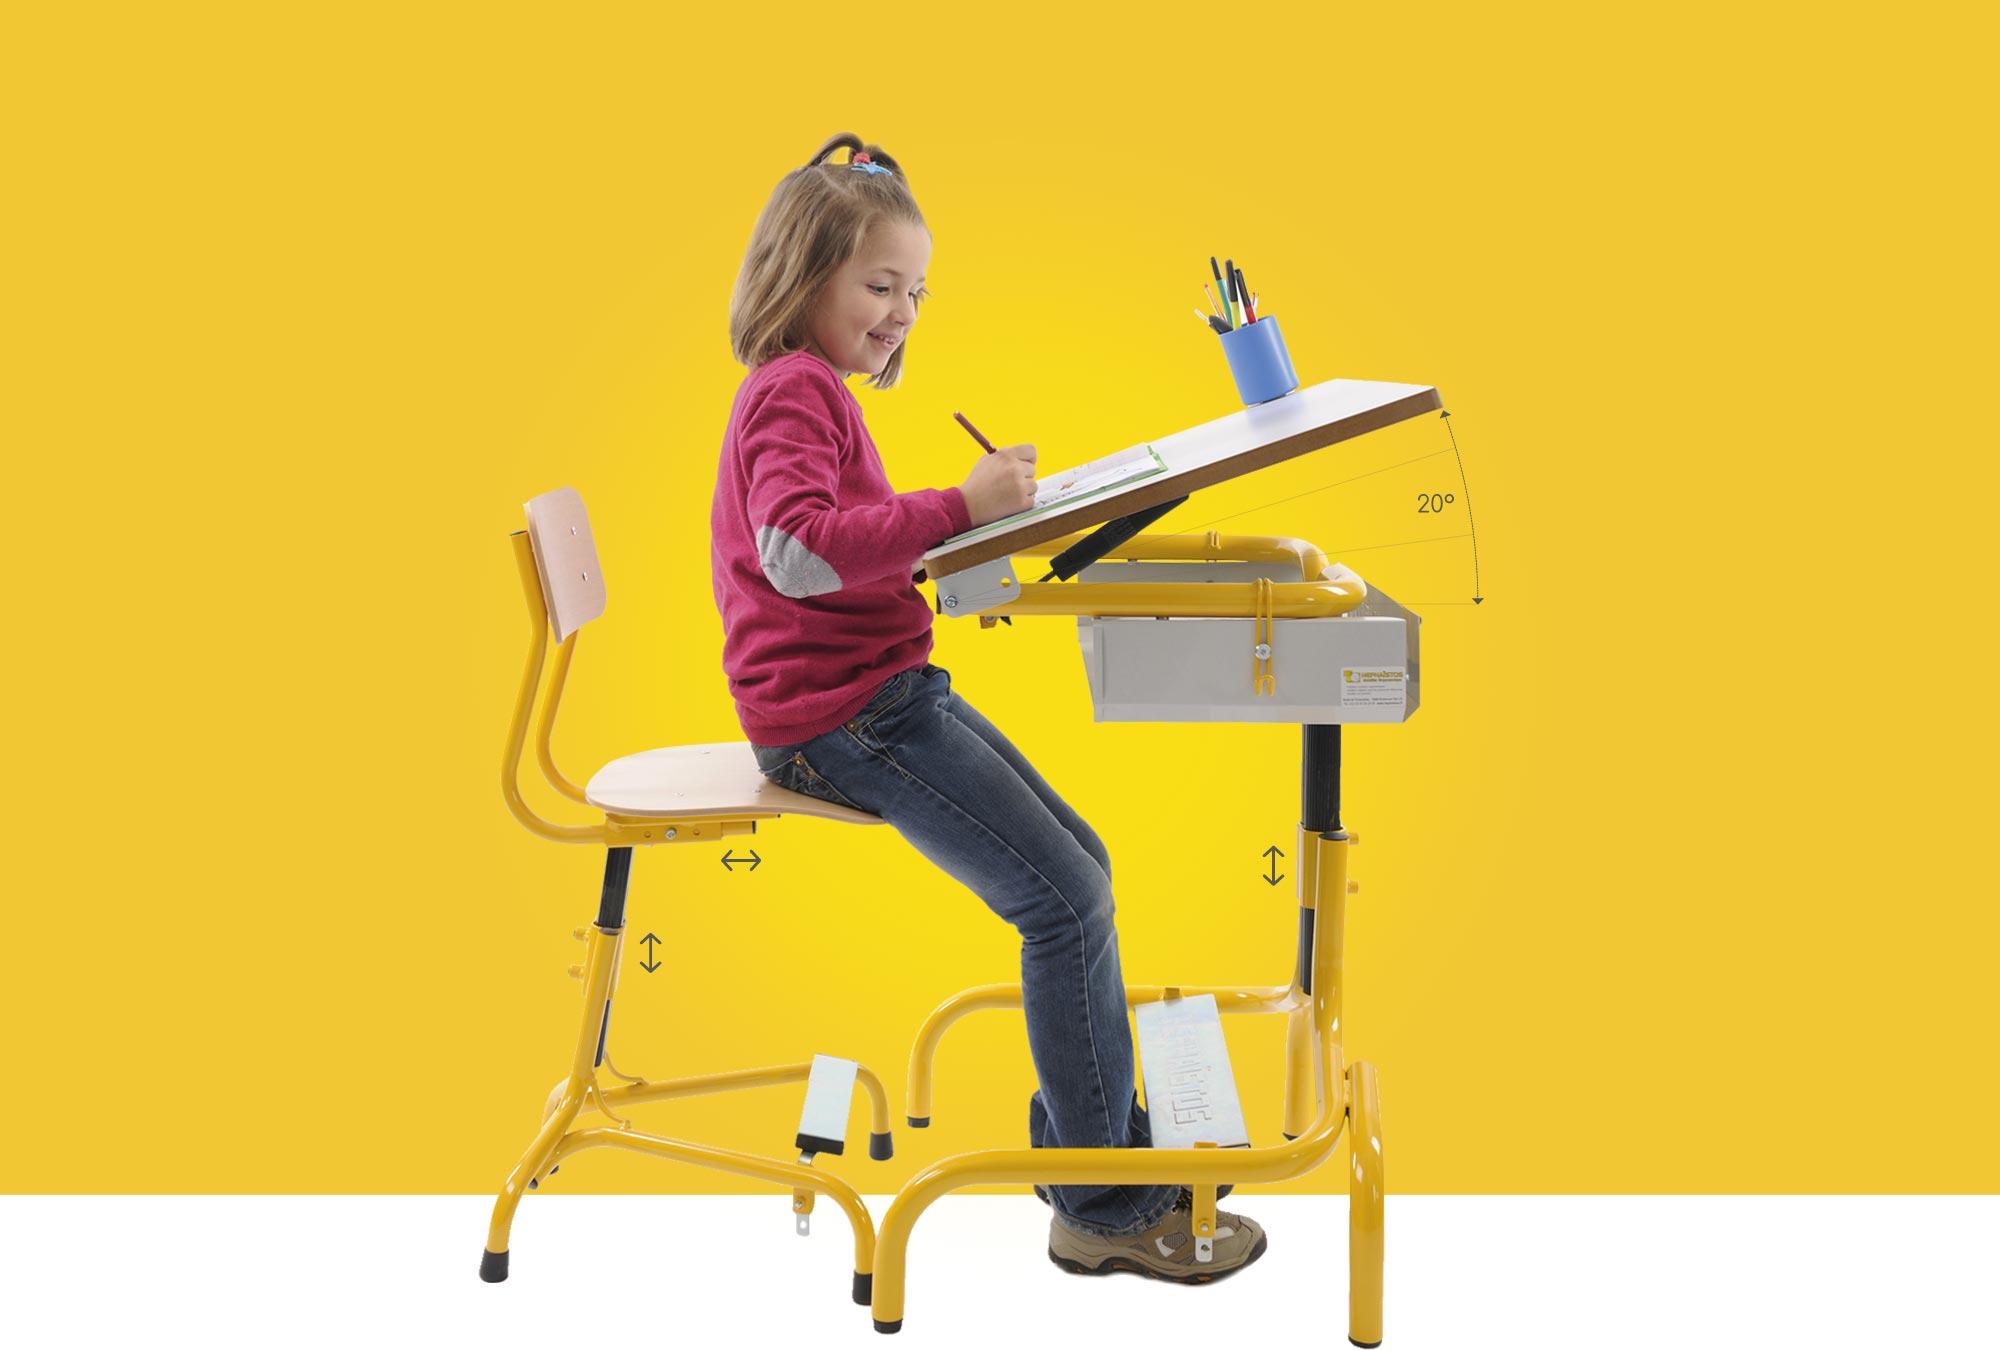 Hephaïstos mobilier ergonomique ensemble table chaise hergon